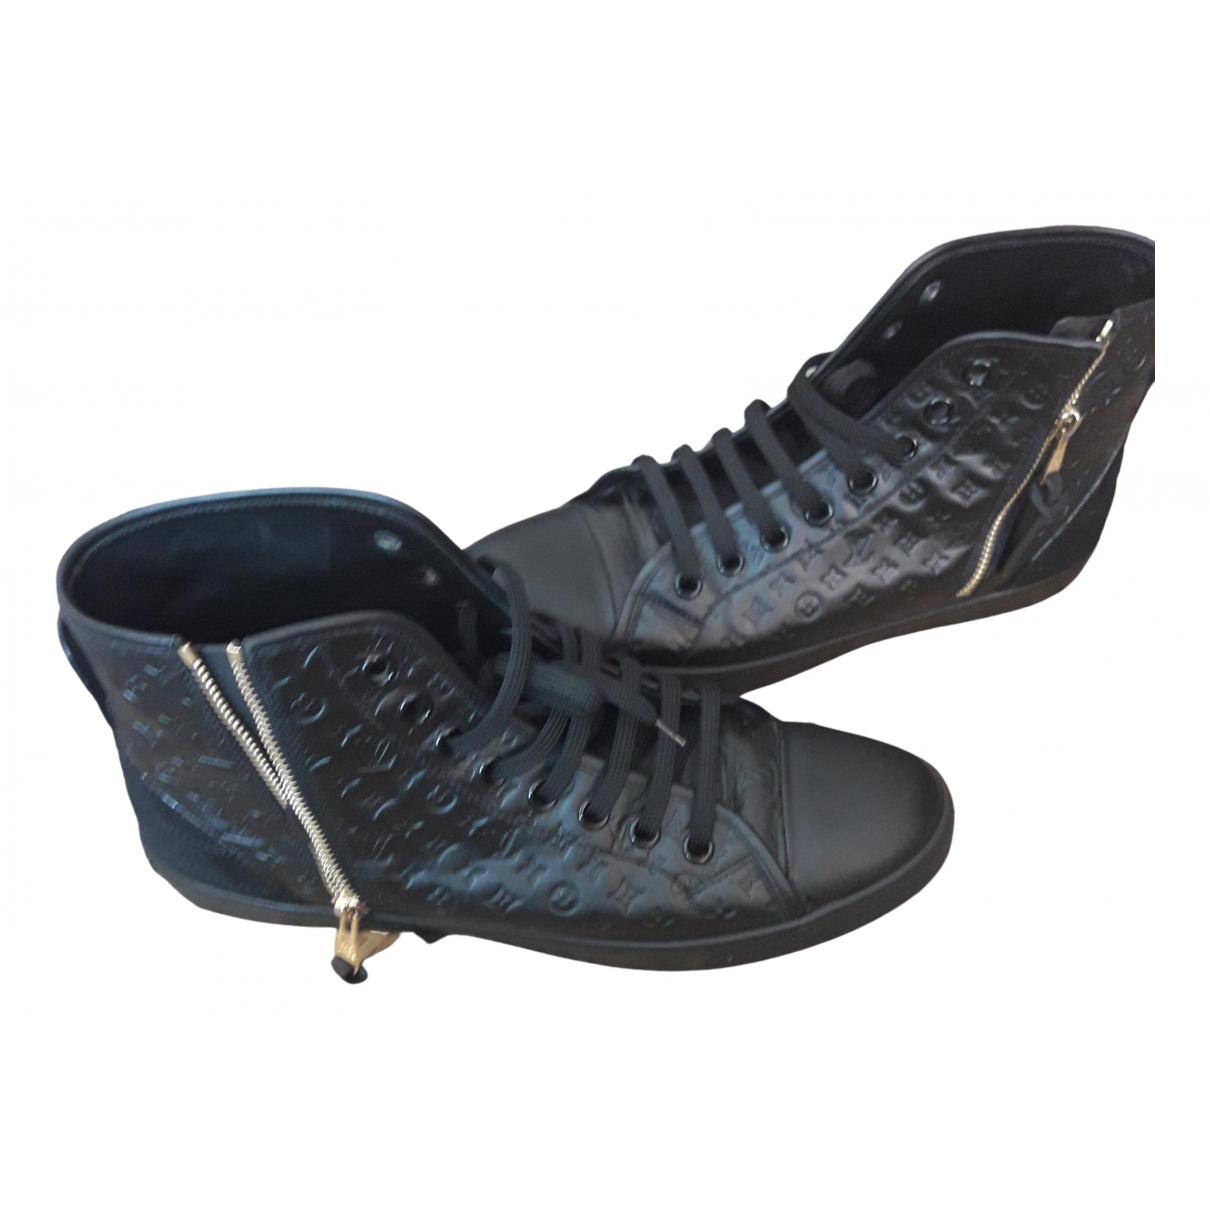 Louis Vuitton - Baskets   pour femme en cuir - noir